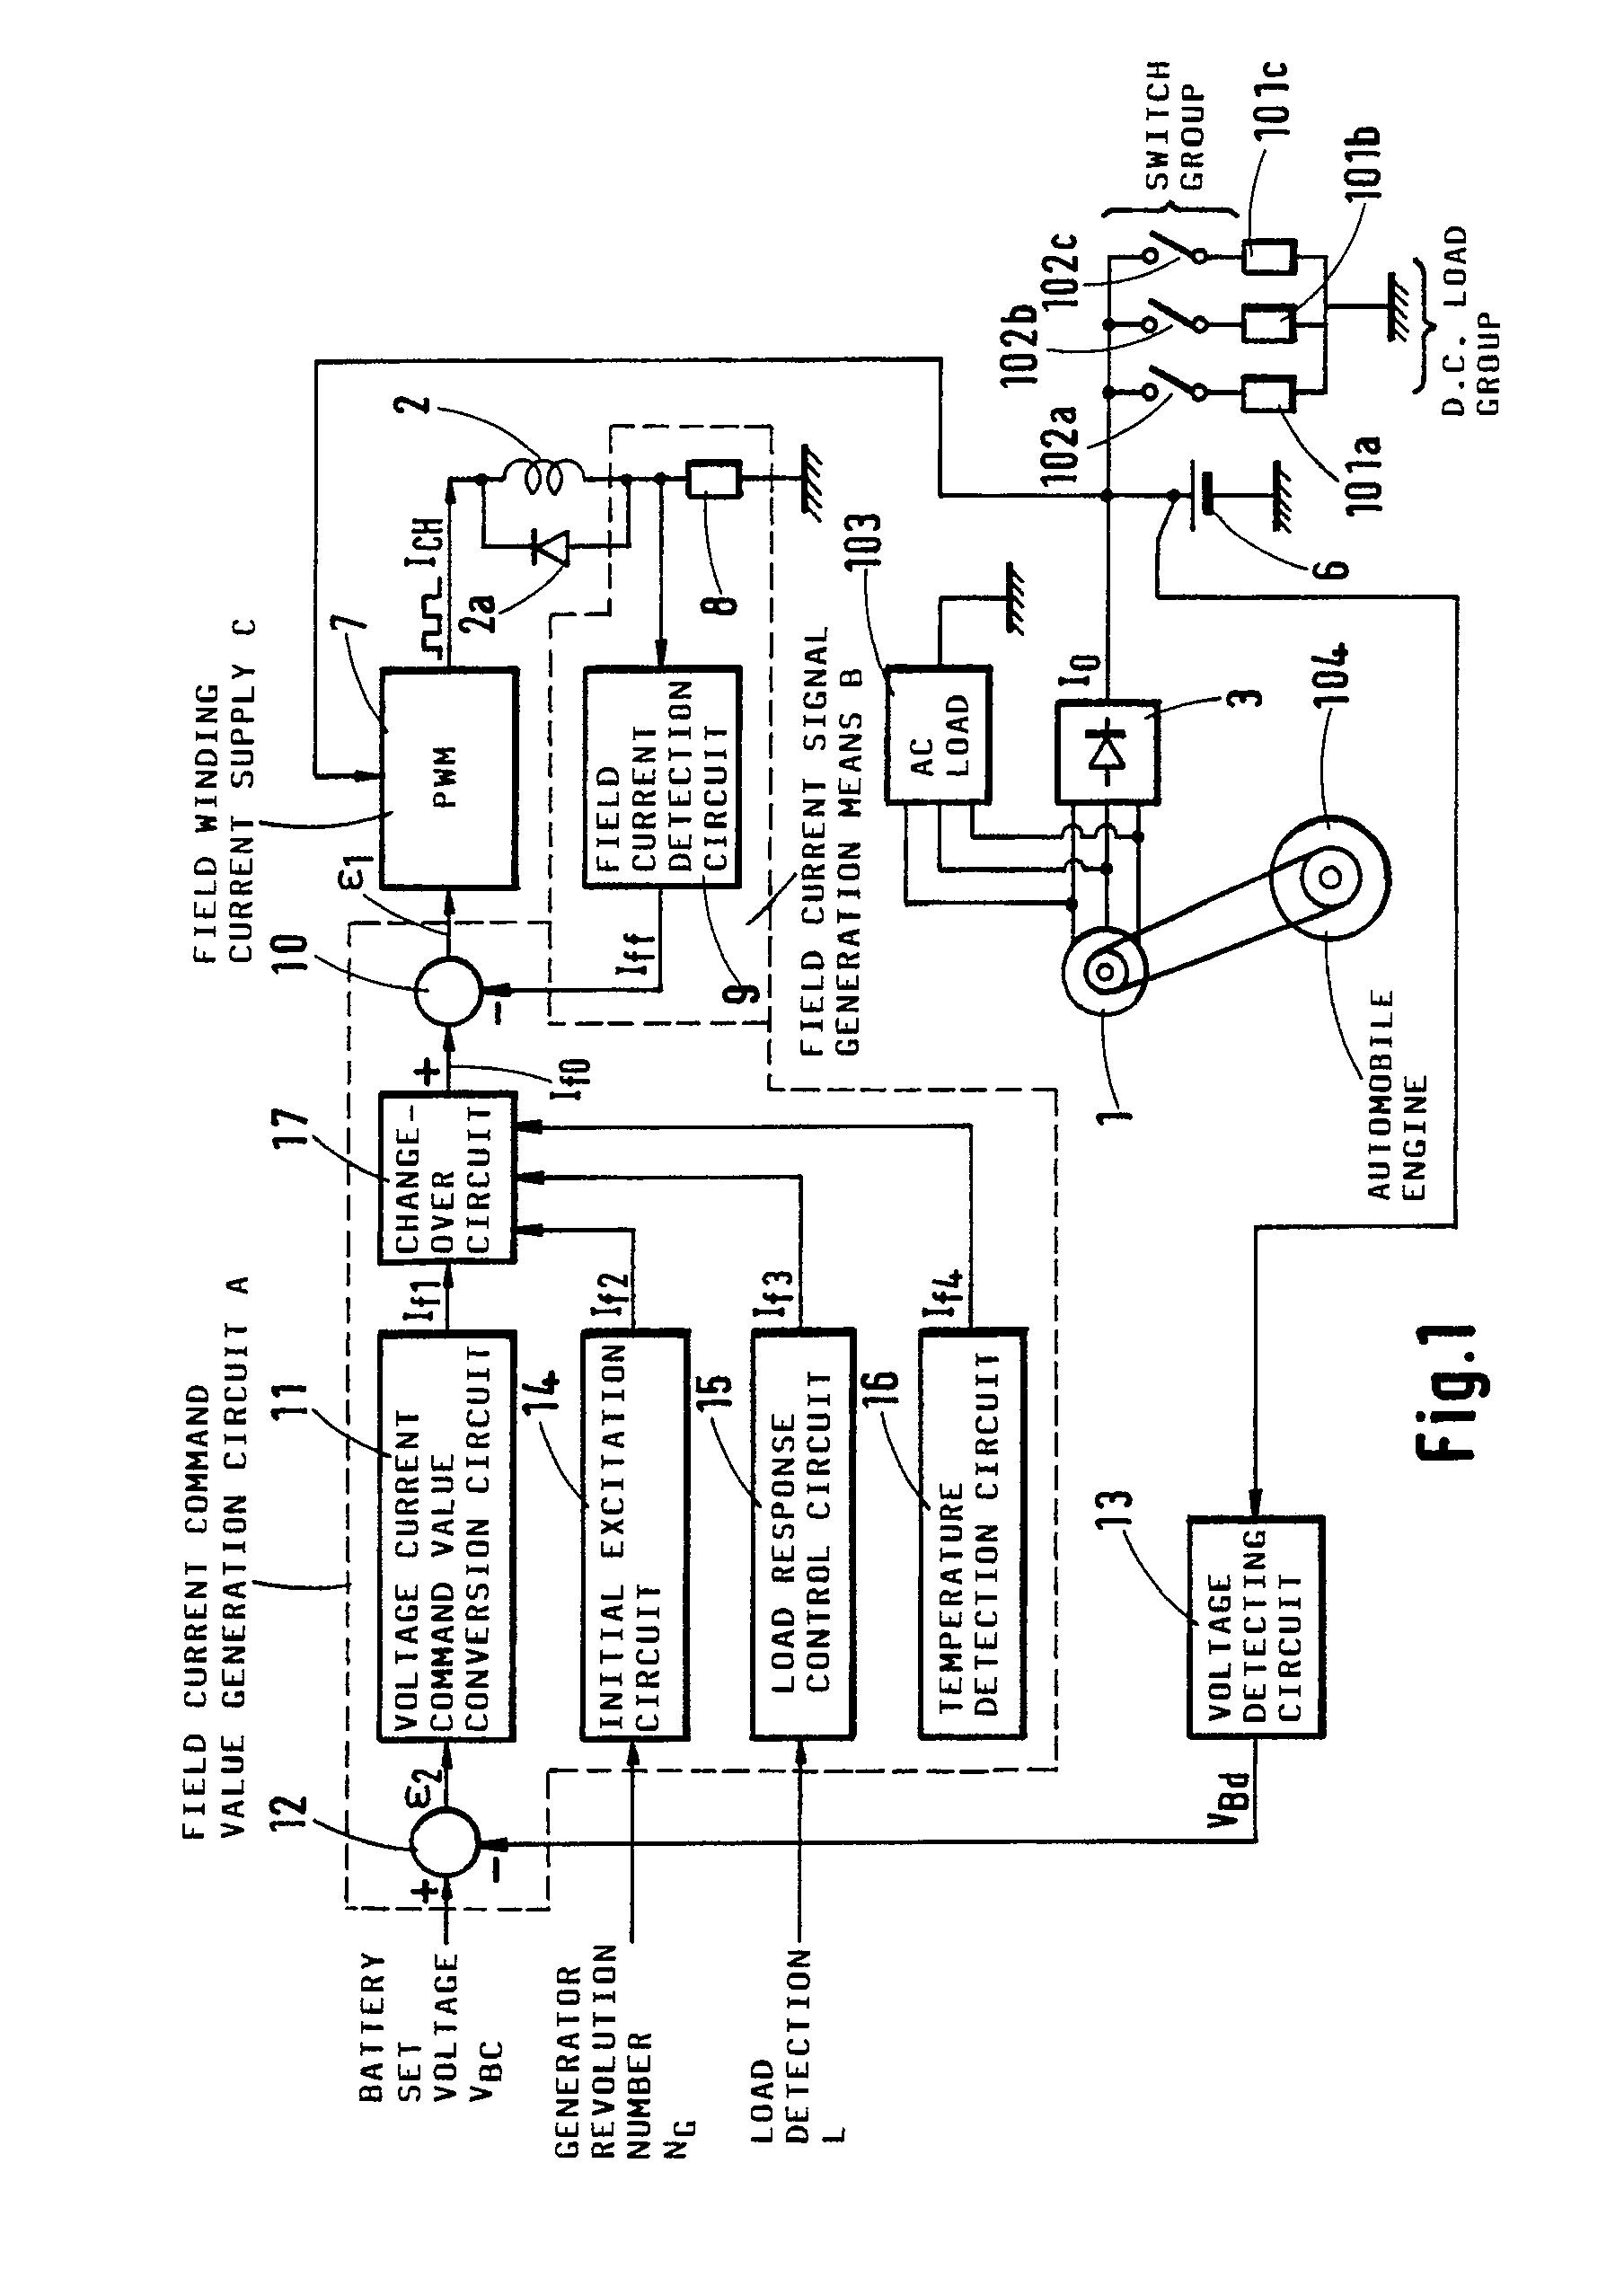 patent ep0438884a1 appareil de contr le pour g n rateur. Black Bedroom Furniture Sets. Home Design Ideas